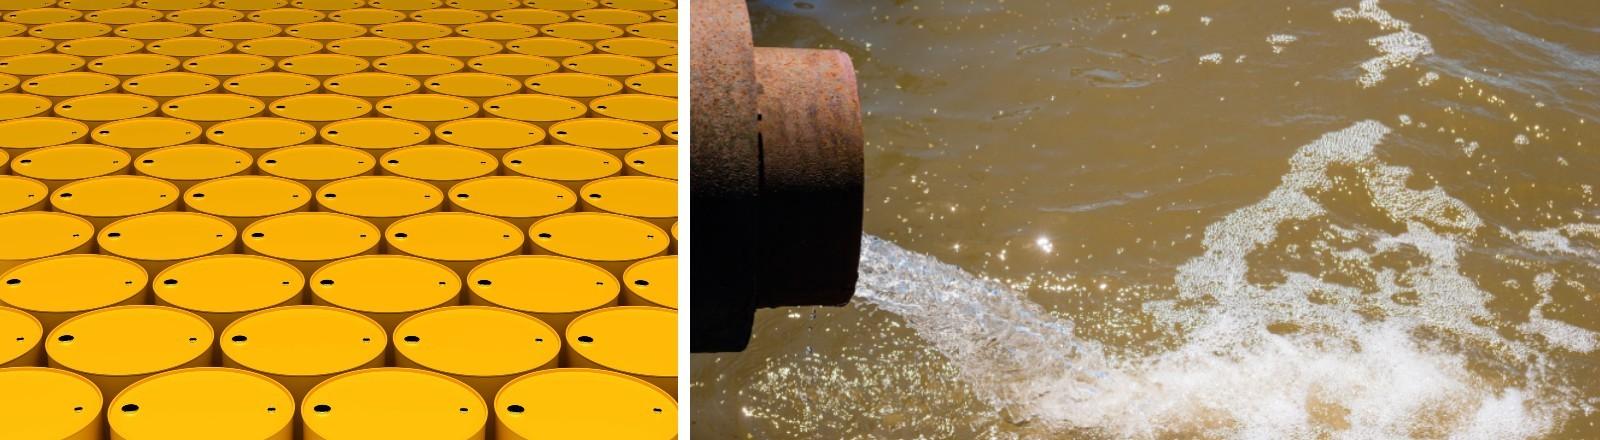 Die Collage zeigt gelbe Tonnen mit Chemikalien und ein Abwasserrohr, das in einen Fluss fließt.